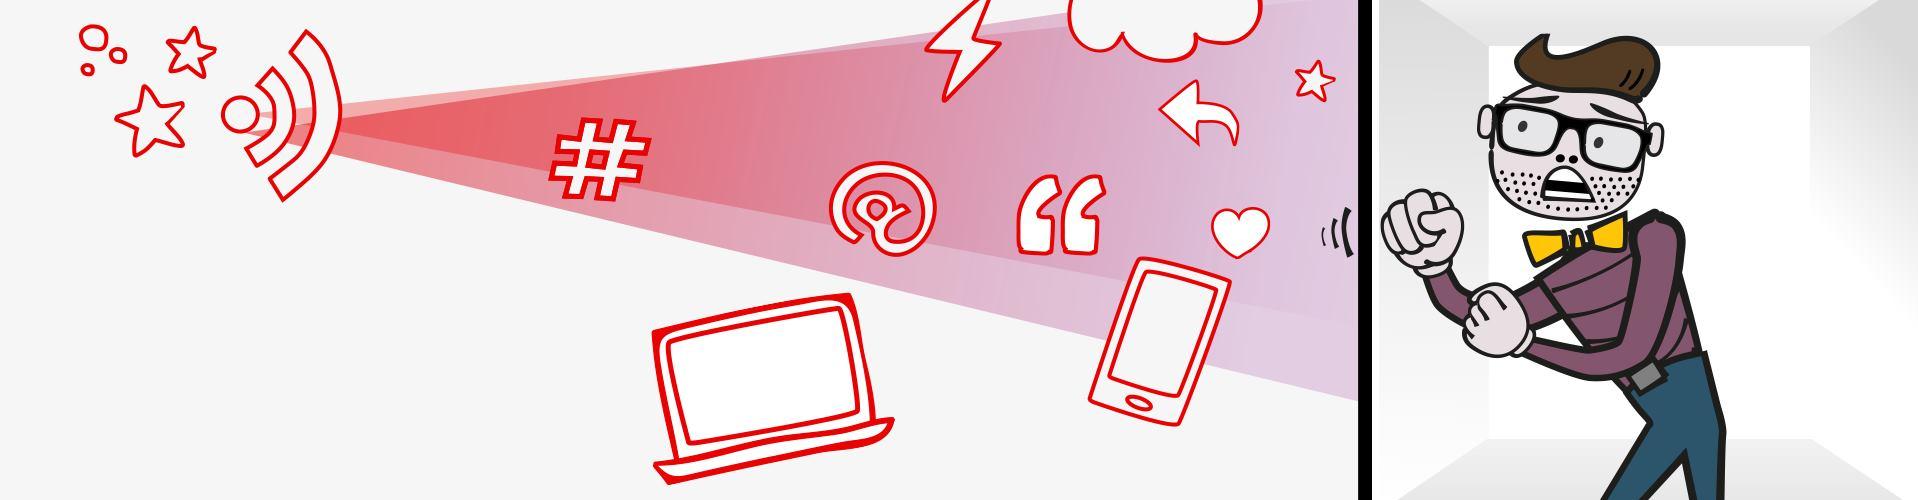 OPTIMA TELEKOM Uživajte u brzom internetu bez ugovorne obveze i bez straha od dodatnih troškova